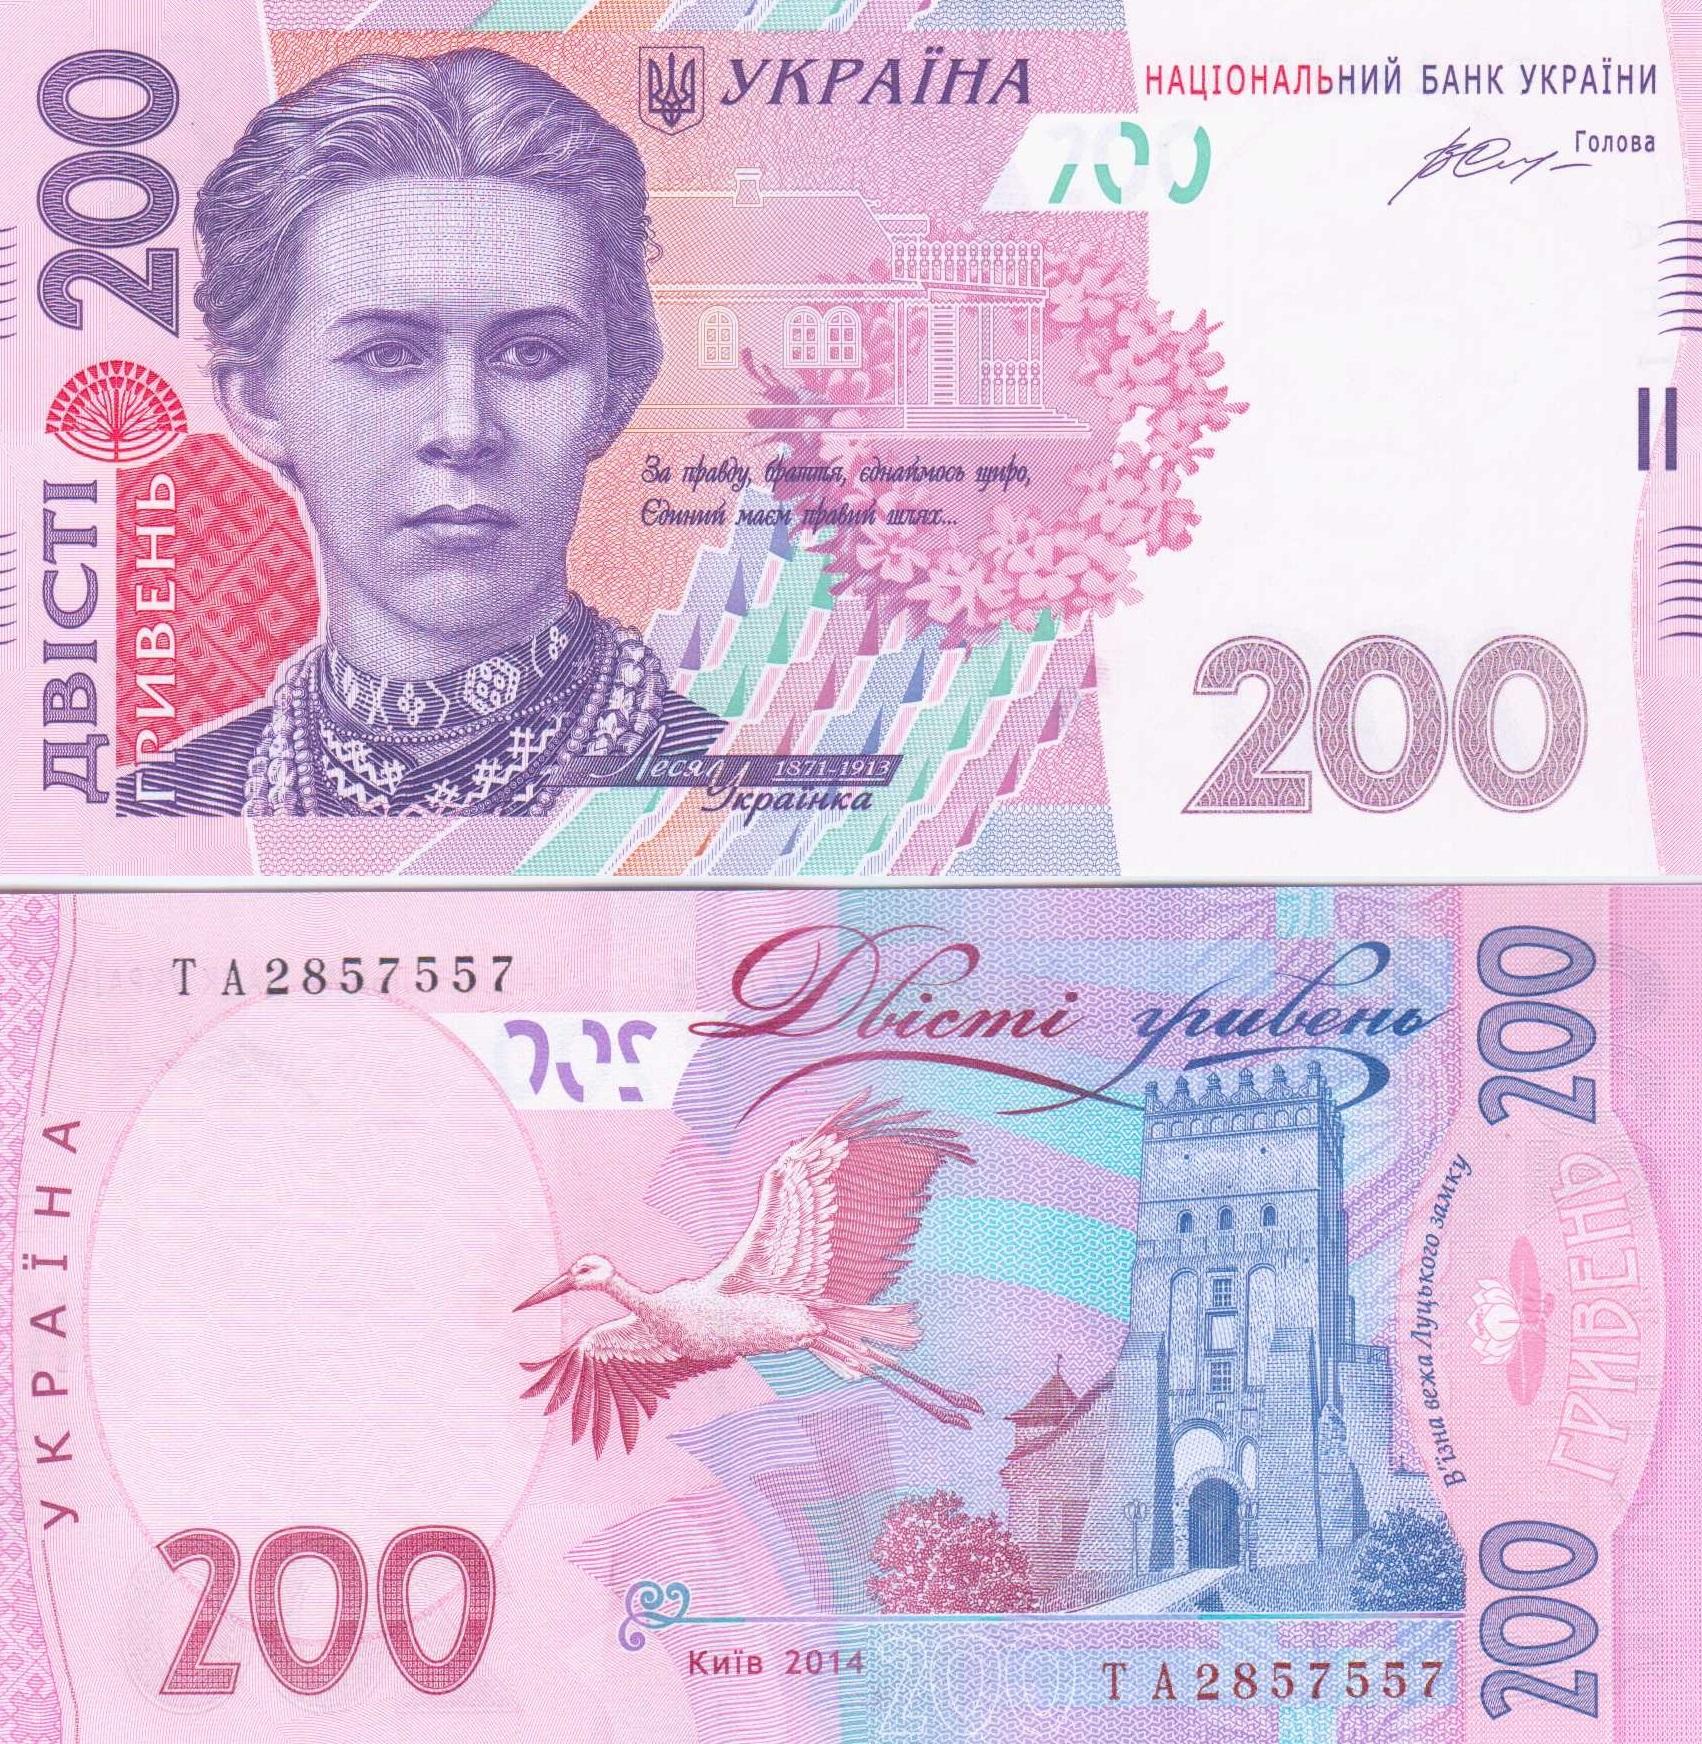 проститутки в киеве за 200 гривен в